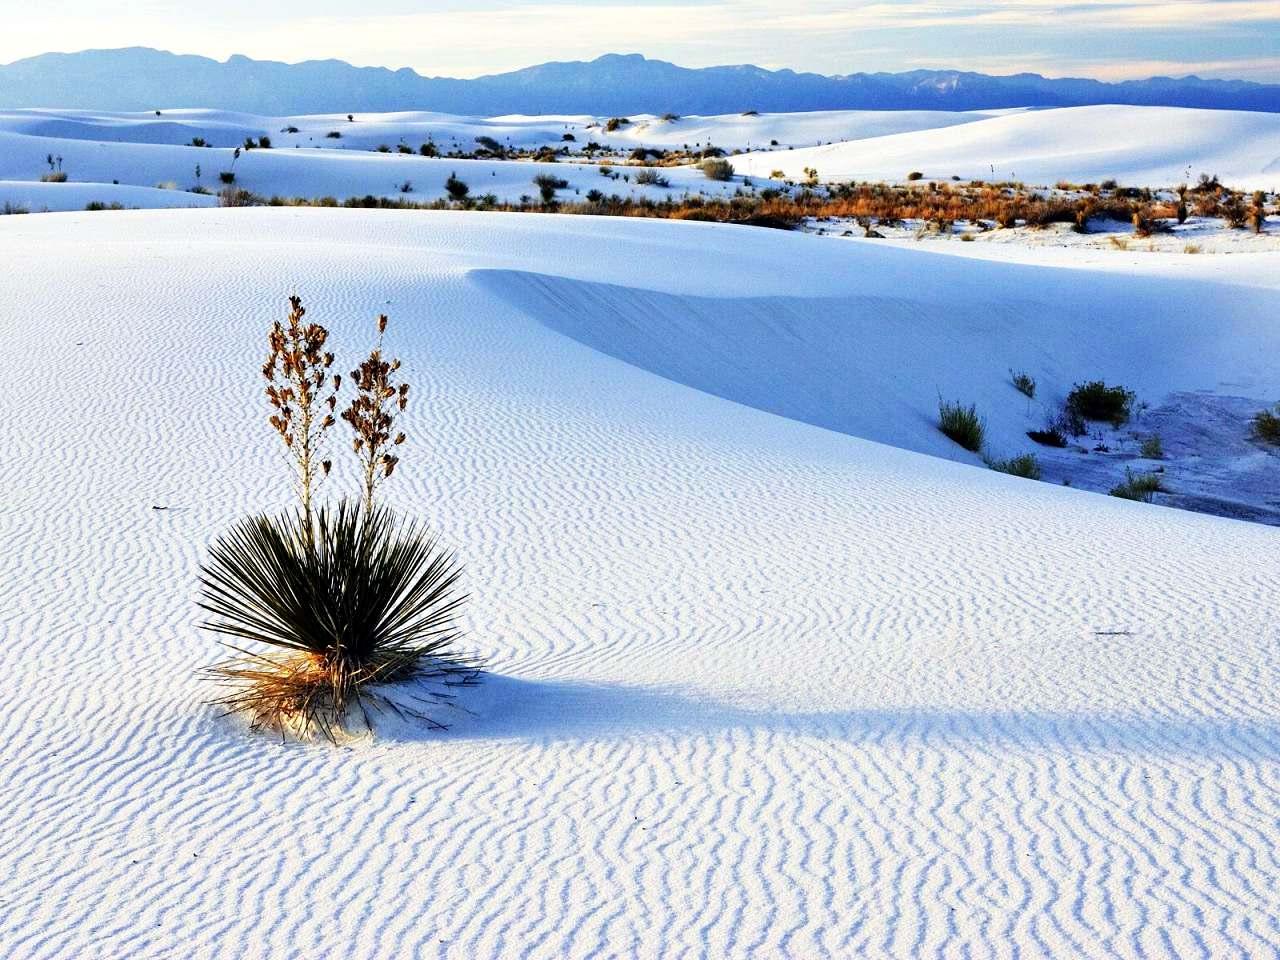 Những sa mạc kỳ quái nhất hành tinh khiến cả những du khách giàu kinh nghiệm nhất phải kinh ngạc - 9